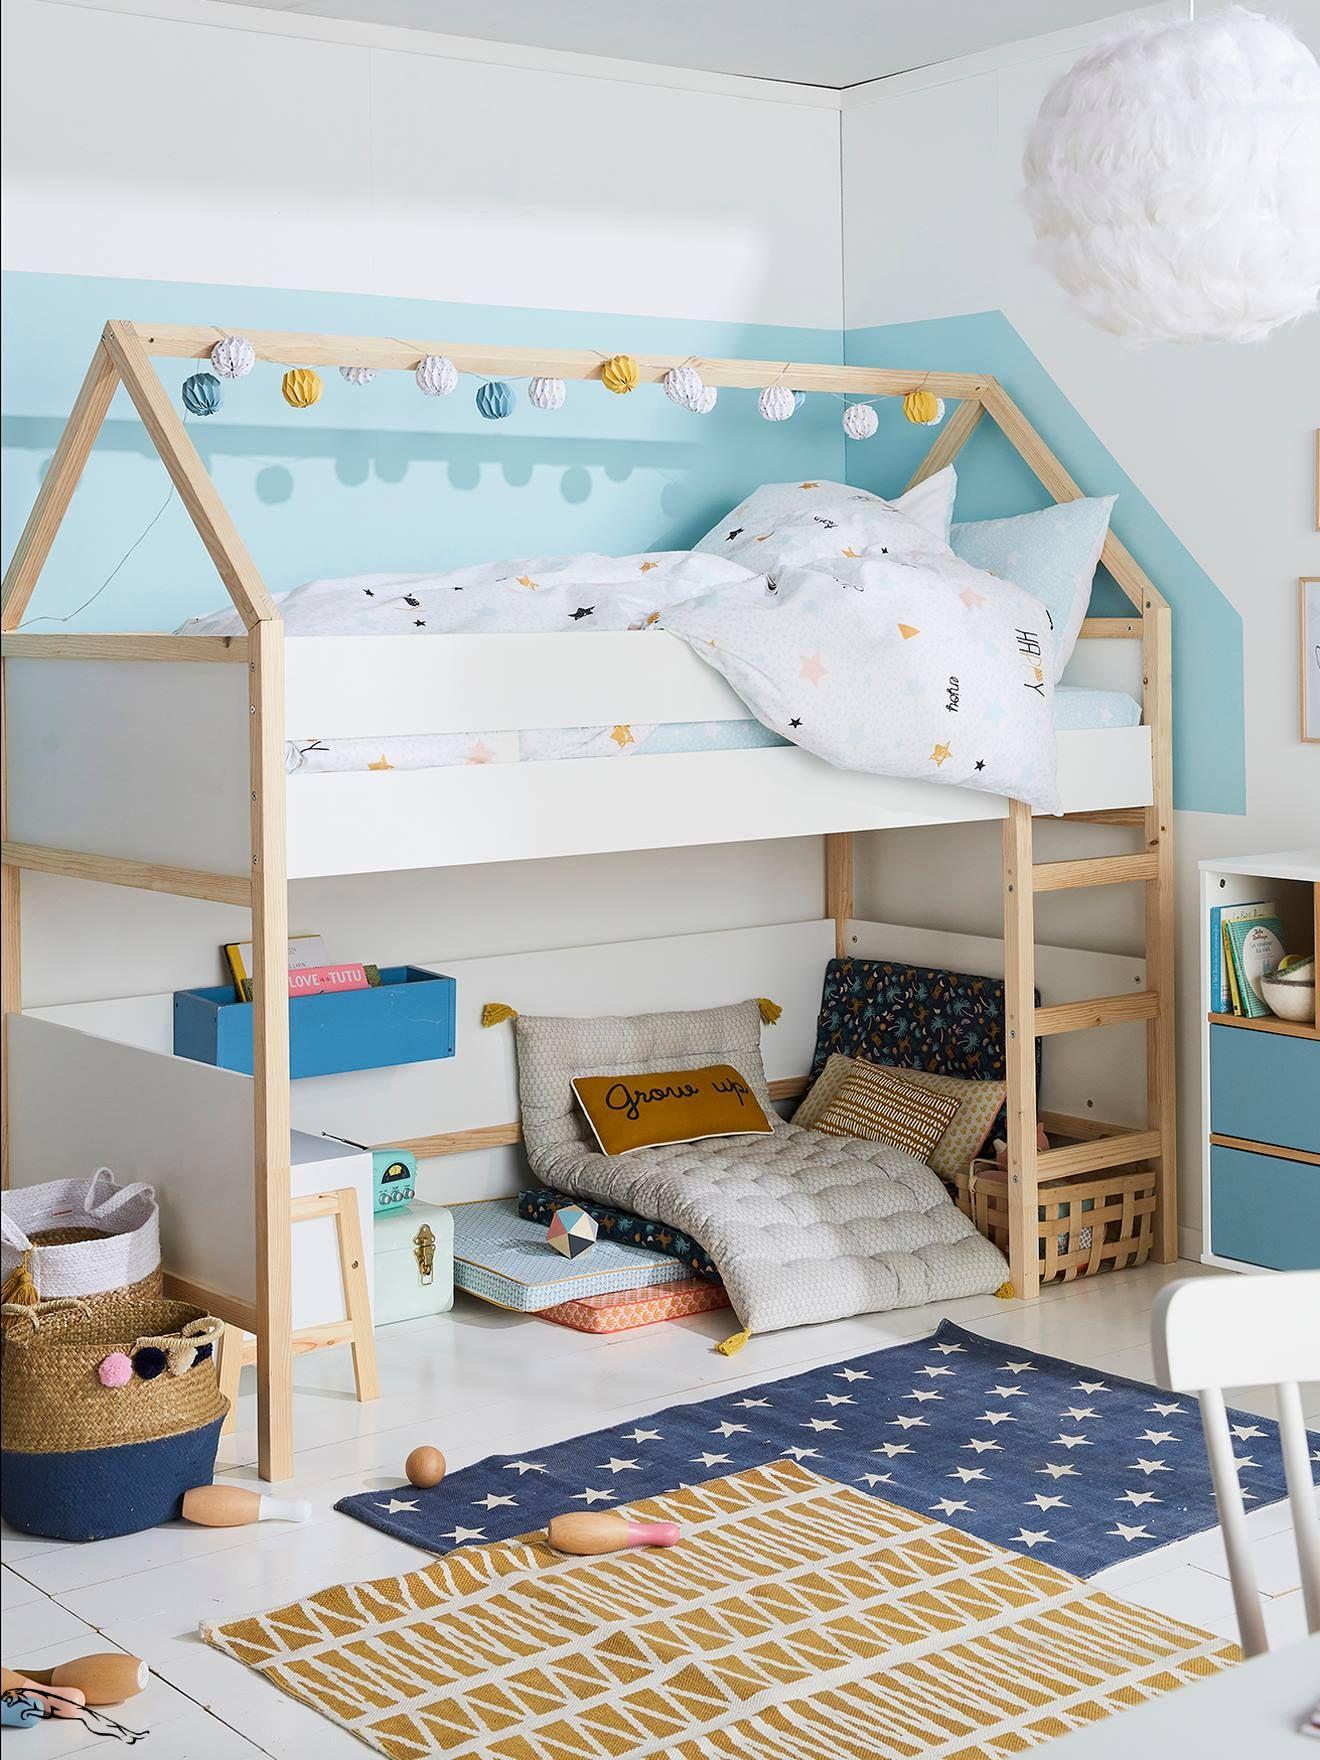 Anleitung Fur Einen Stern Aus Holzkugeln 458108 Kinderzimmer Hier Findet Ihr Eine Genaue Schritt Fu Small Kids Room Kids Bedroom Inspiration Kids Rooms Diy